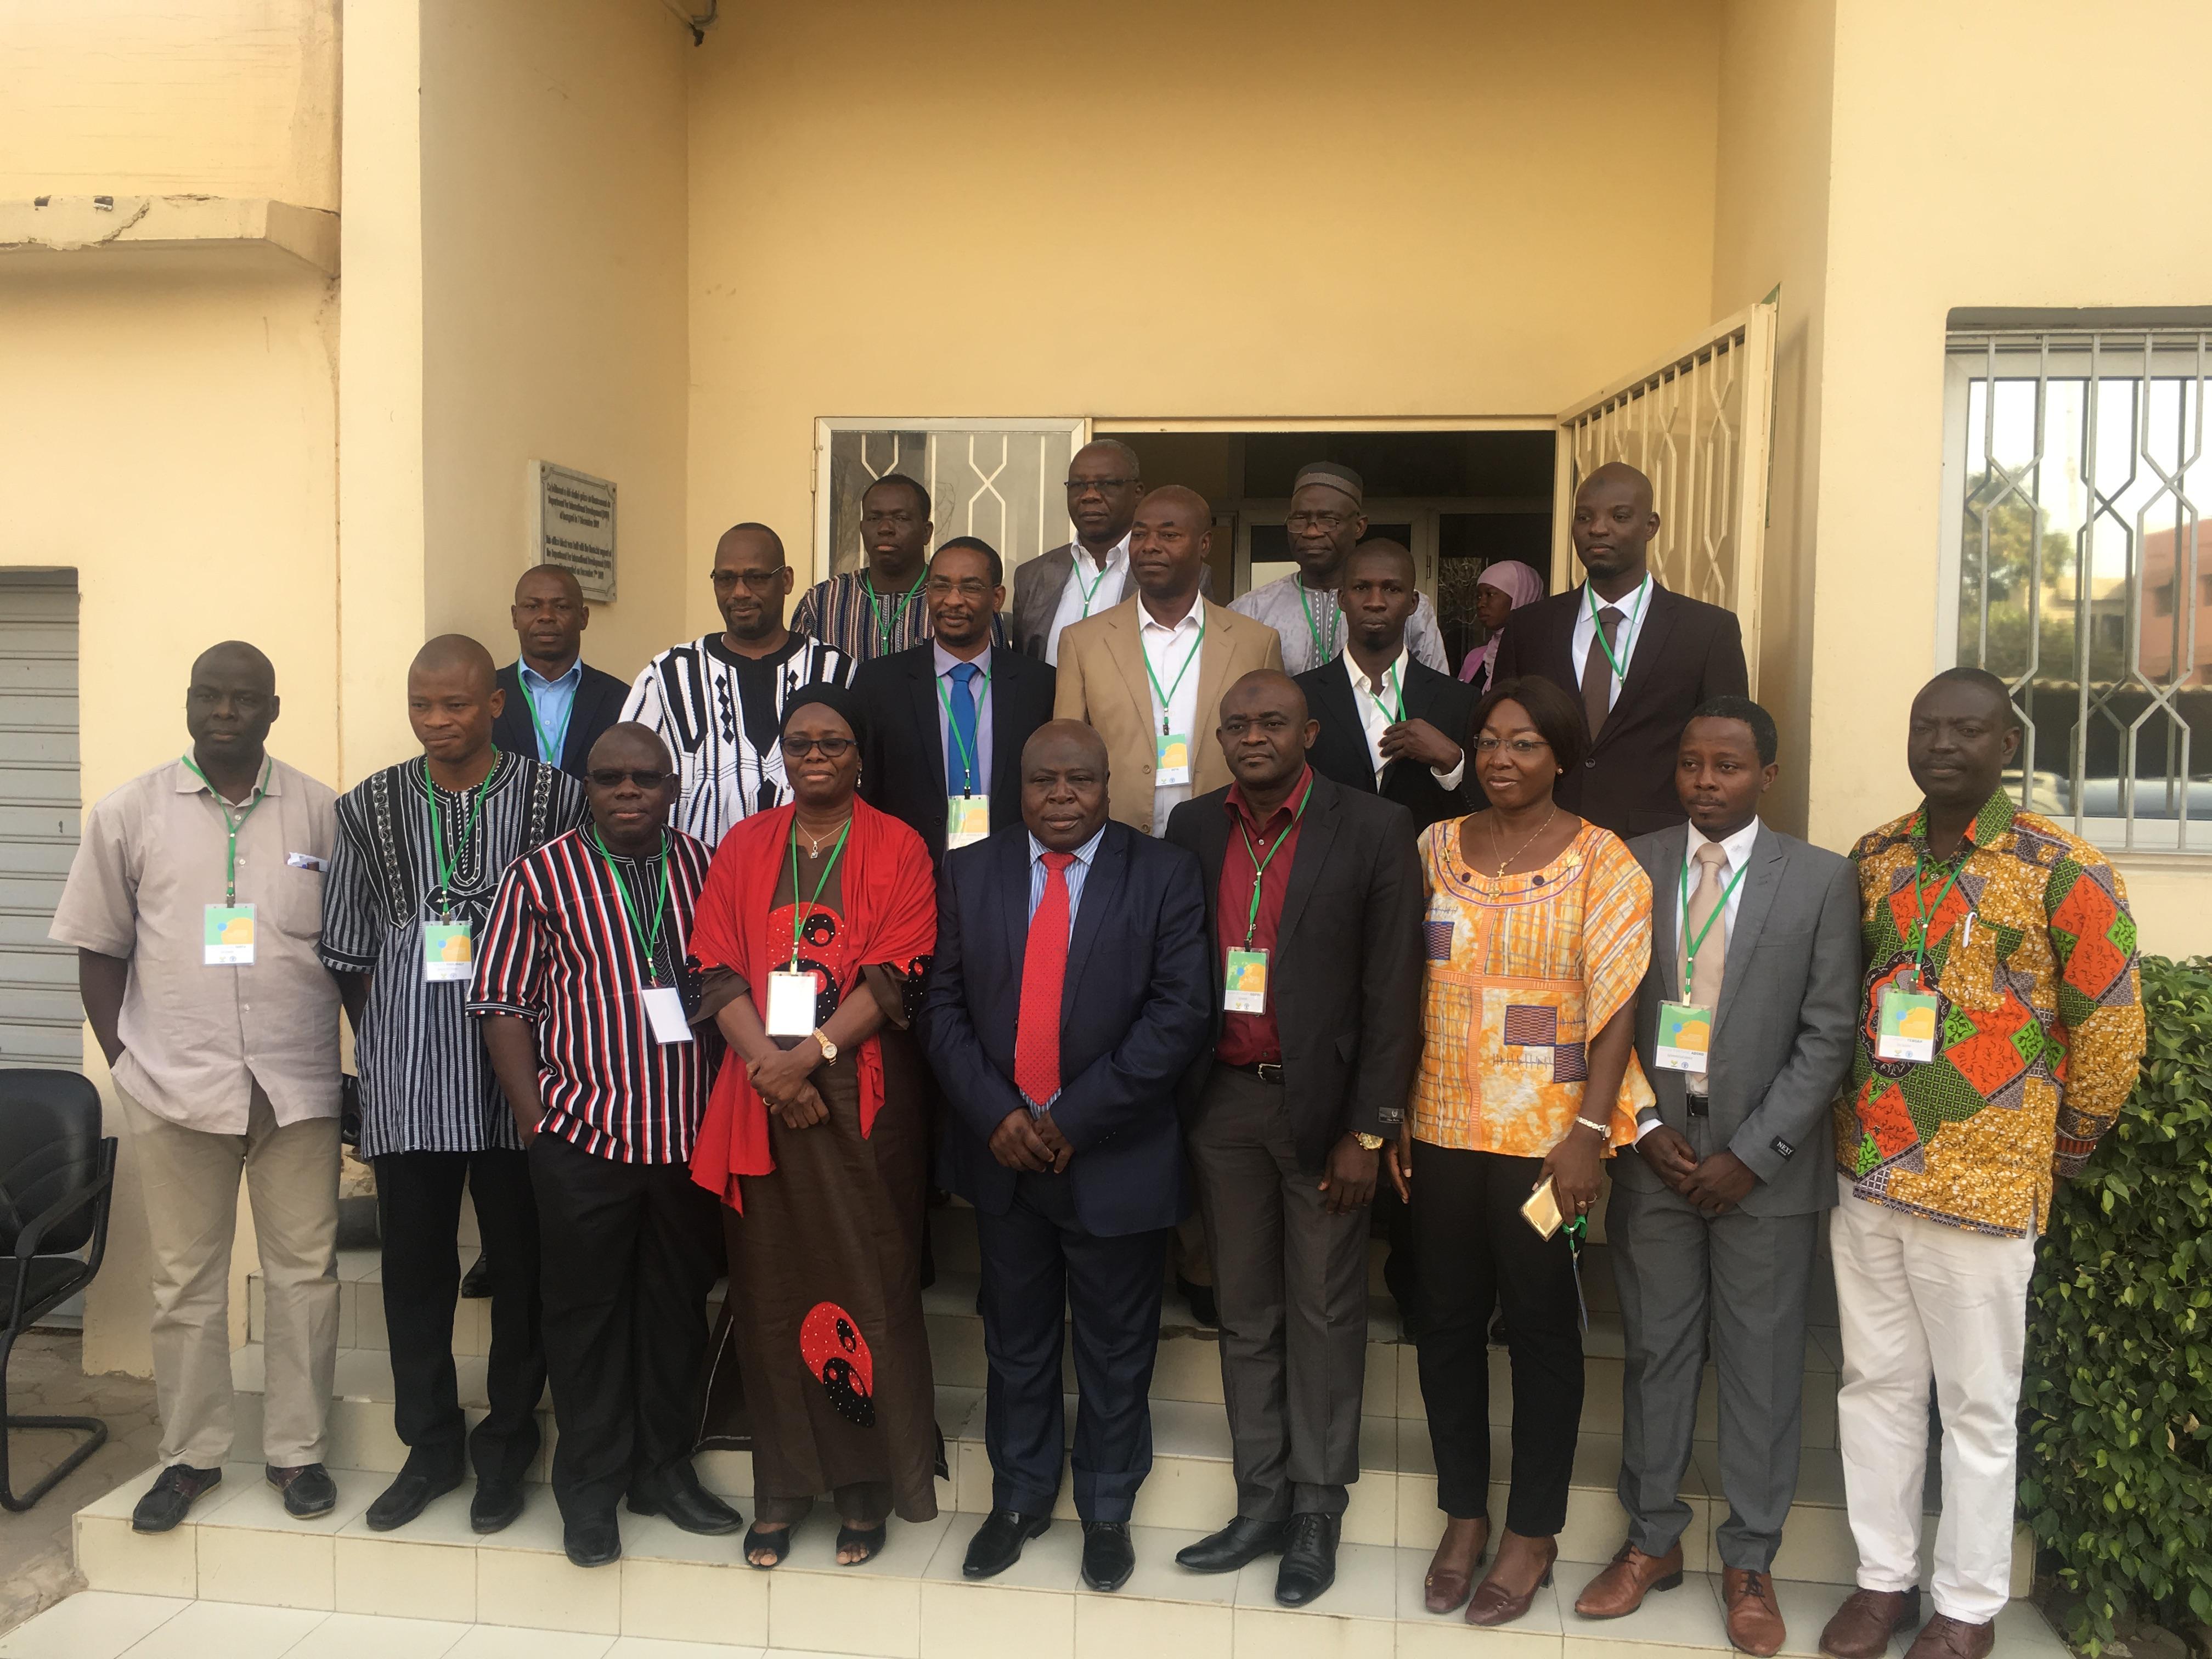 Le groupe d'experts en recherches agricoles de développement venus assister à l'atelier du Coraf à Dakar